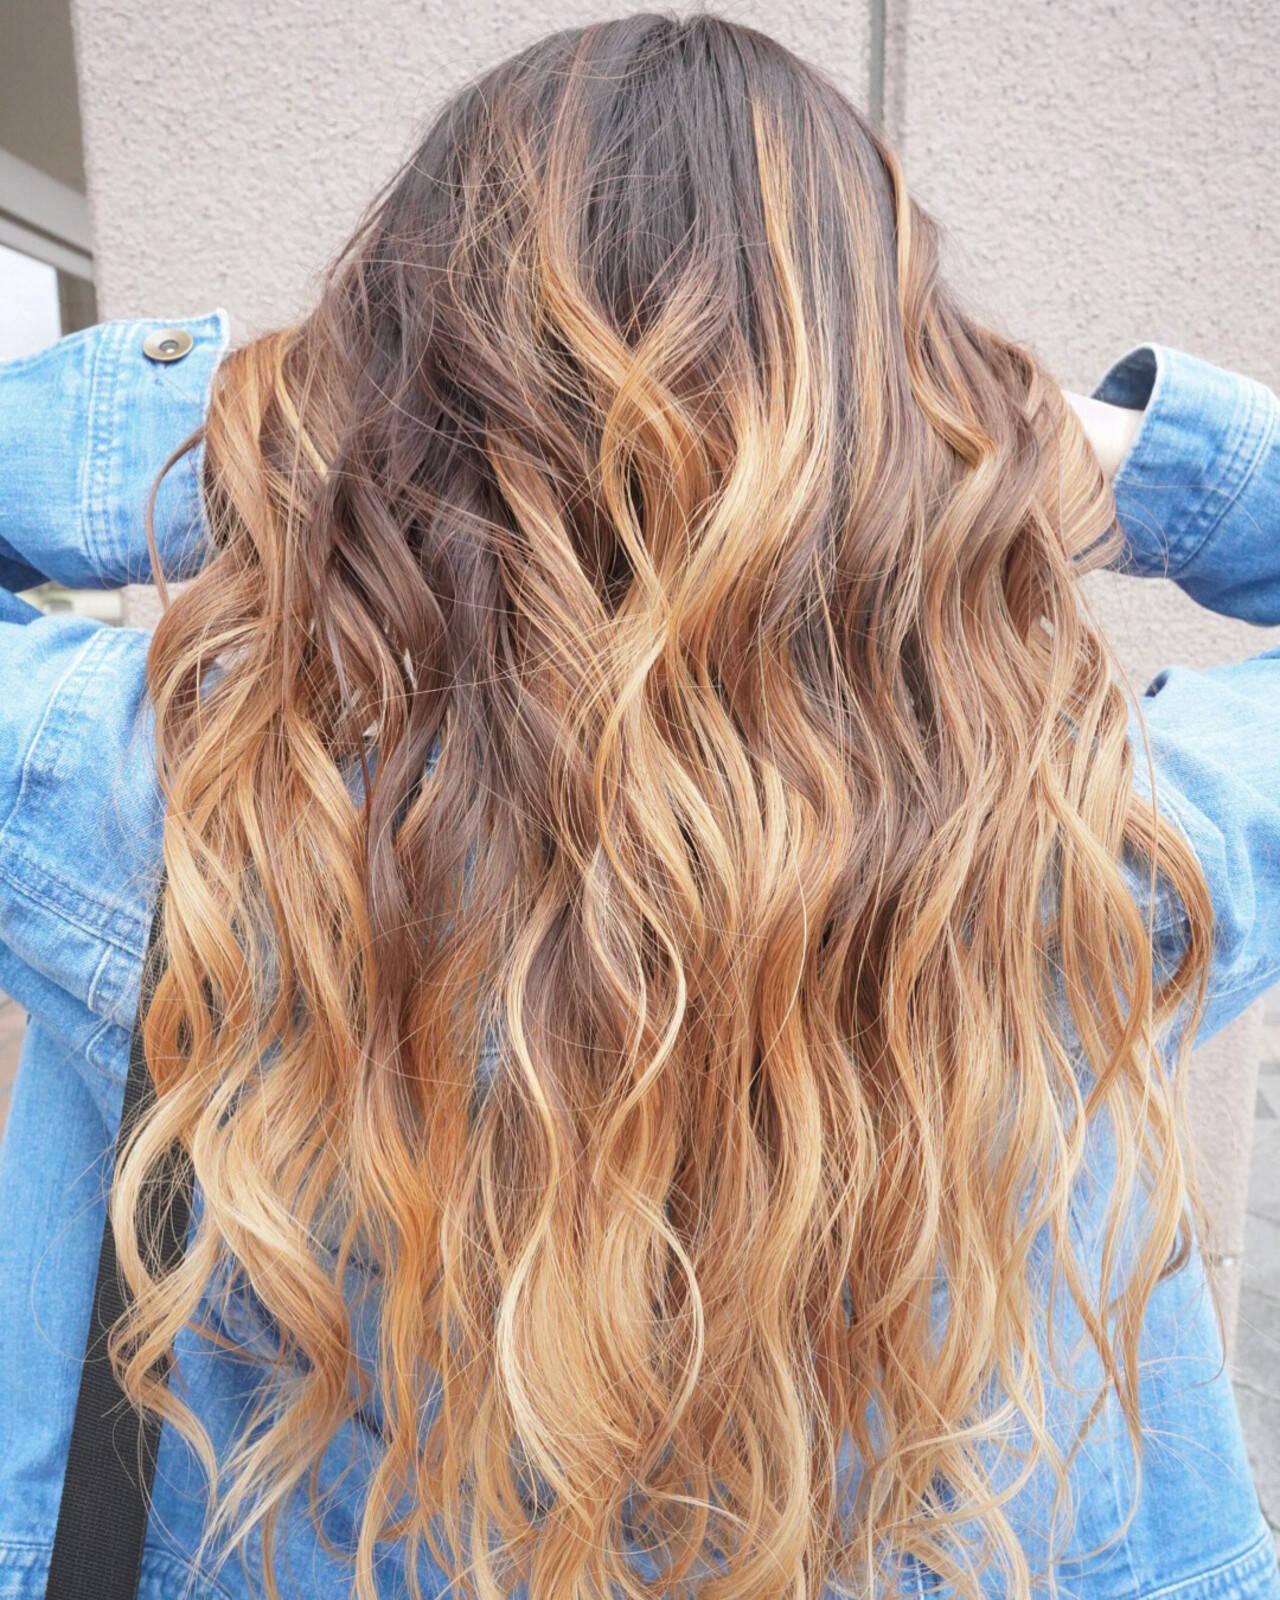 ハイトーン バレイヤージュ 学生 グラデーションカラーヘアスタイルや髪型の写真・画像